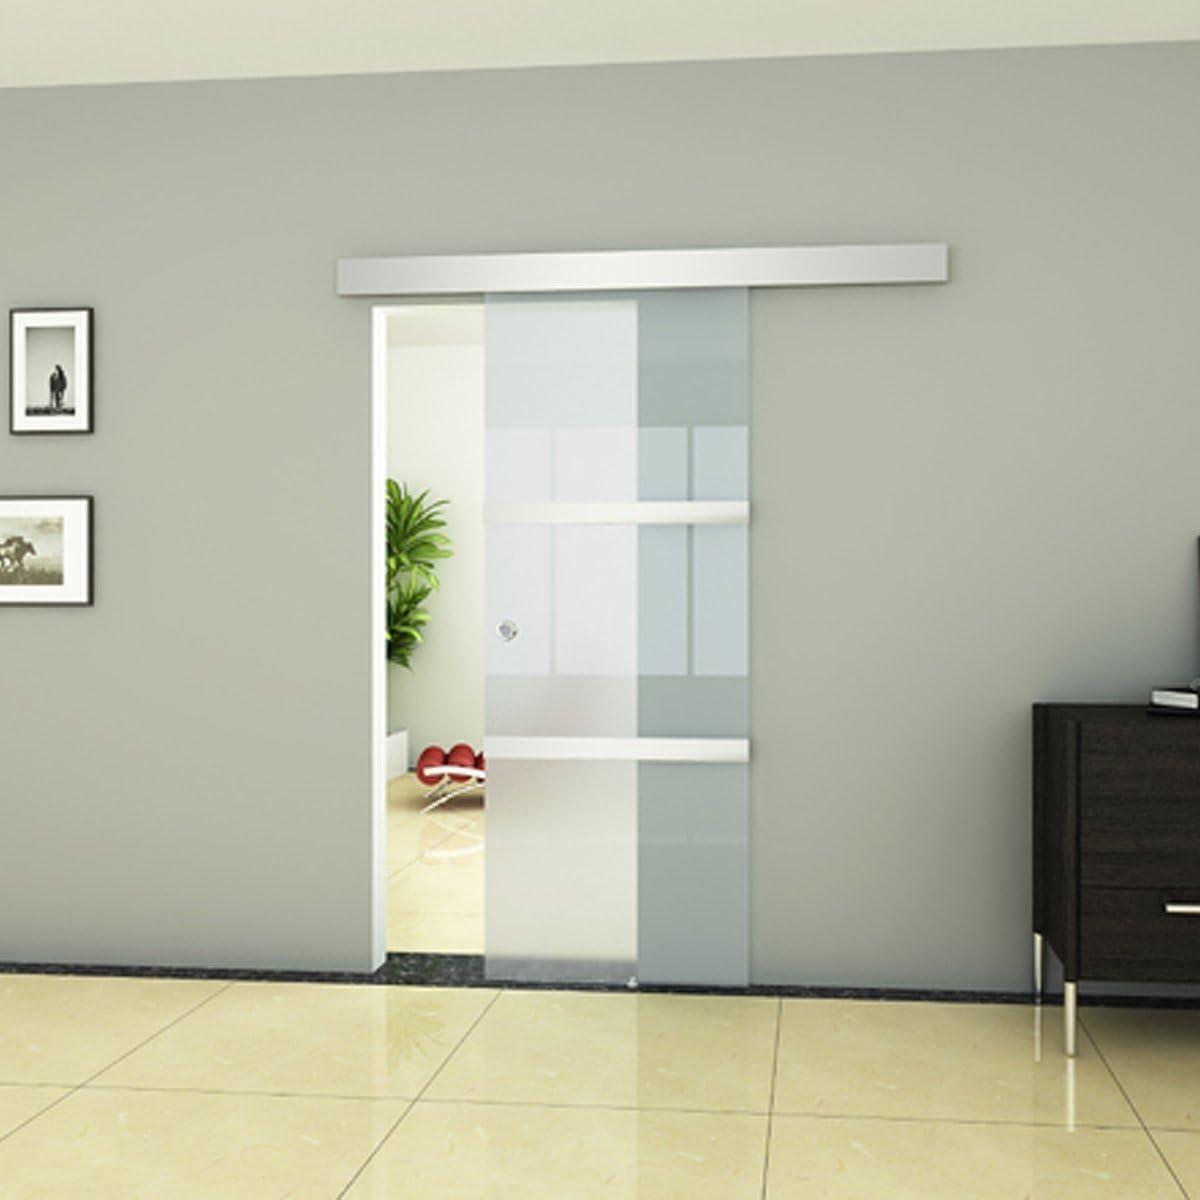 Puerta deslizante moderna para interior, con 3 partes de cristal ...